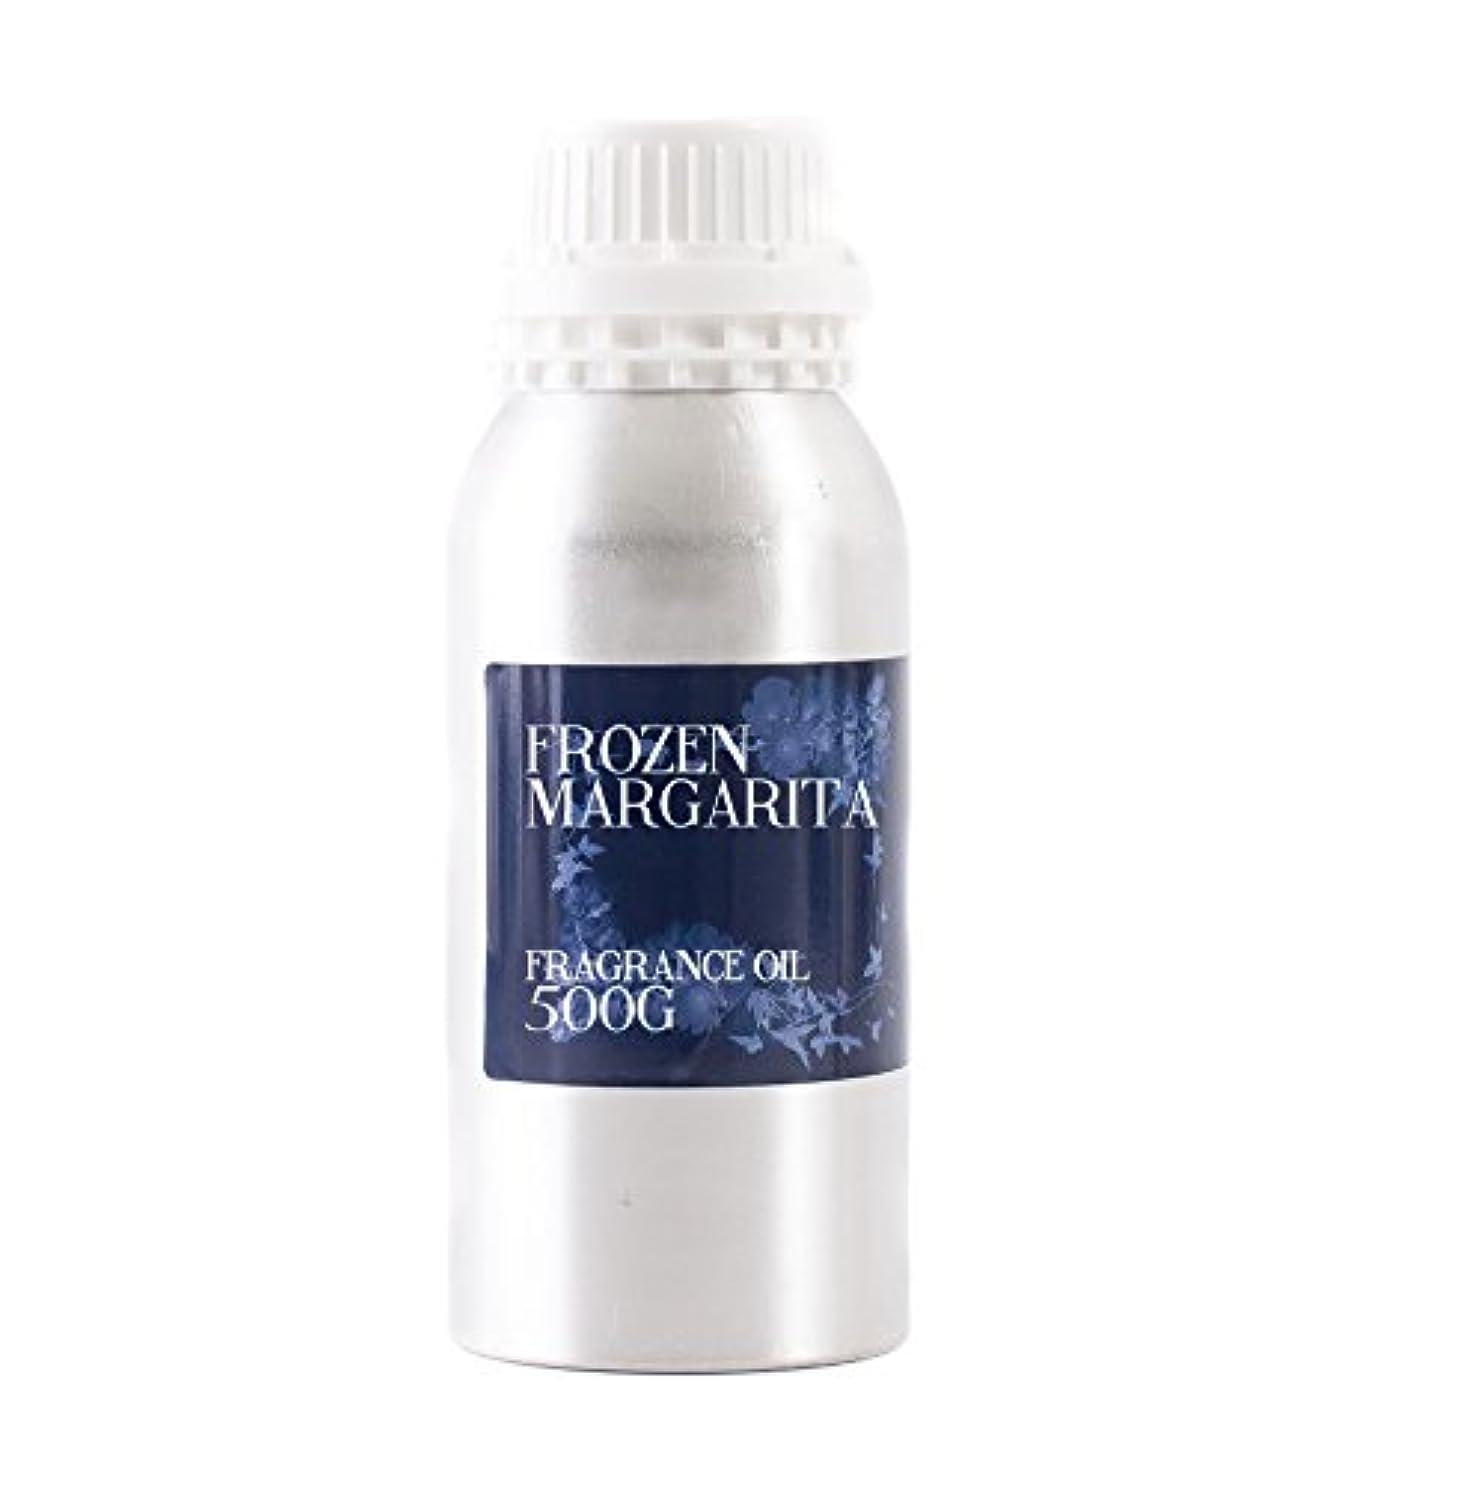 平均たぶん兄Mystic Moments | Frozen Margarita Fragrance Oil - 500g